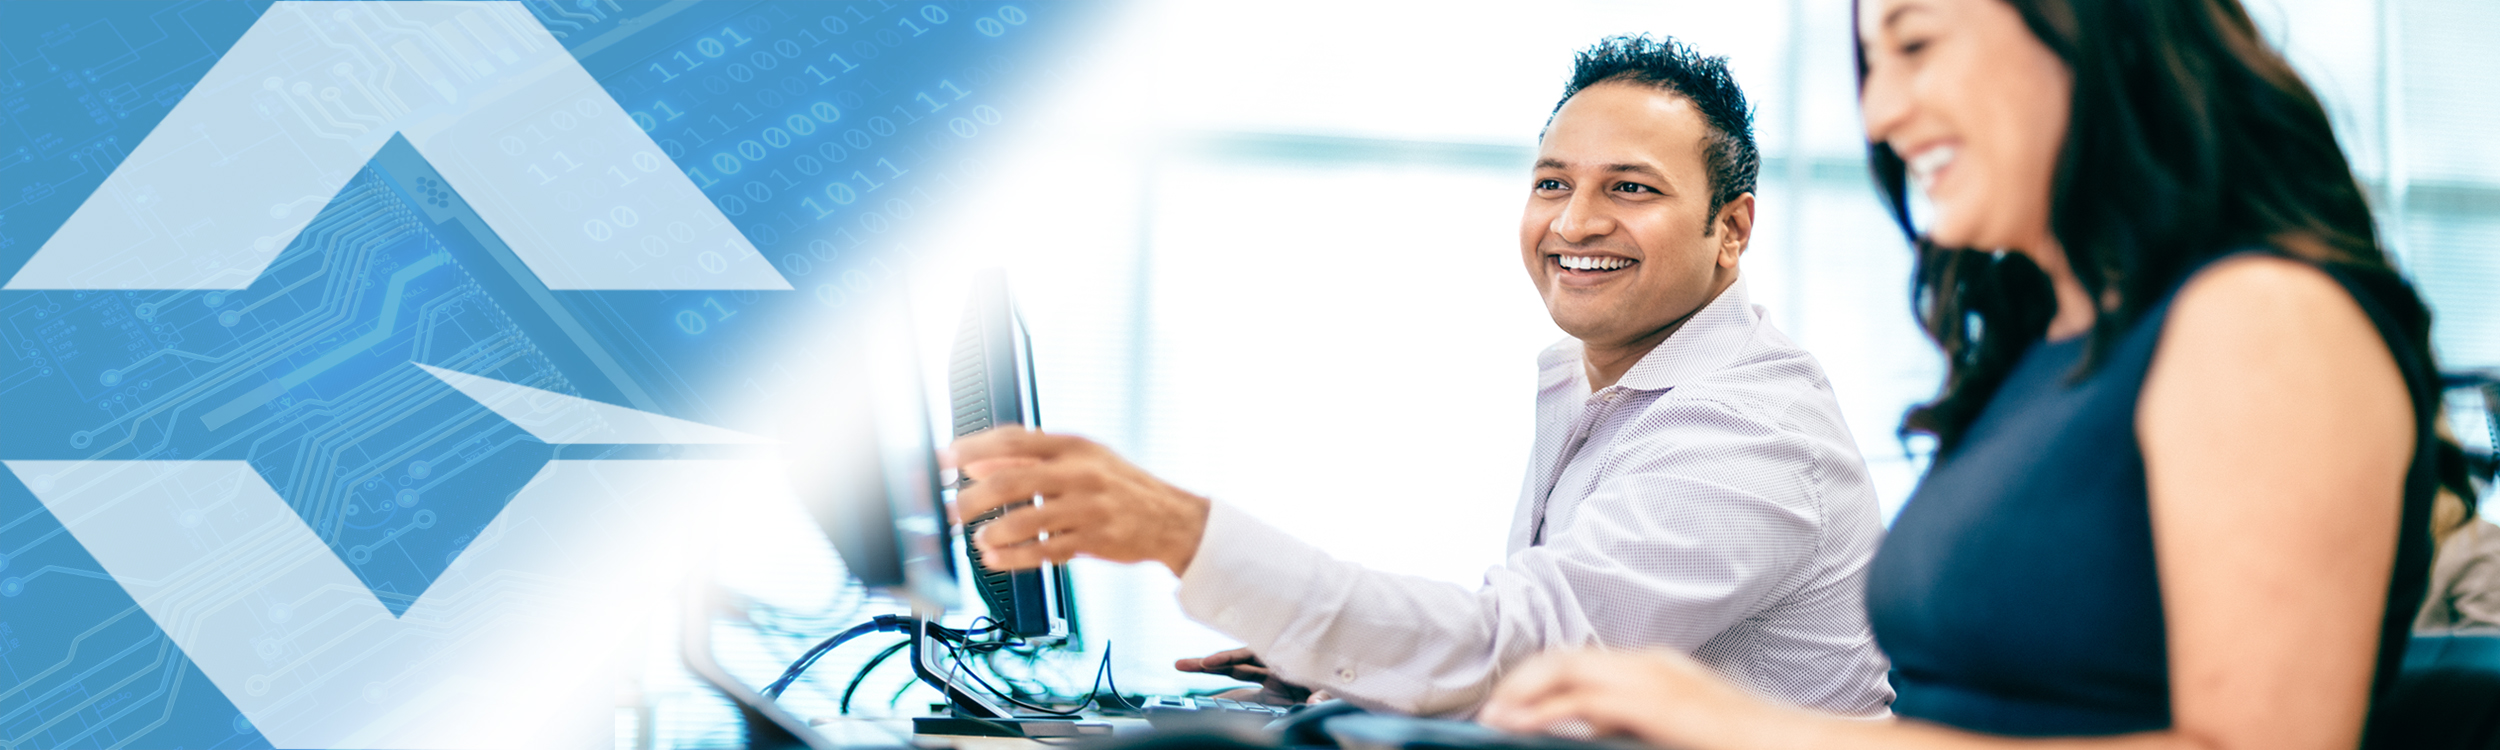 Gloresoft, Recruiting indische IT-Spezialisten; junger Mann und Frau lachend vor Computerbildschirm